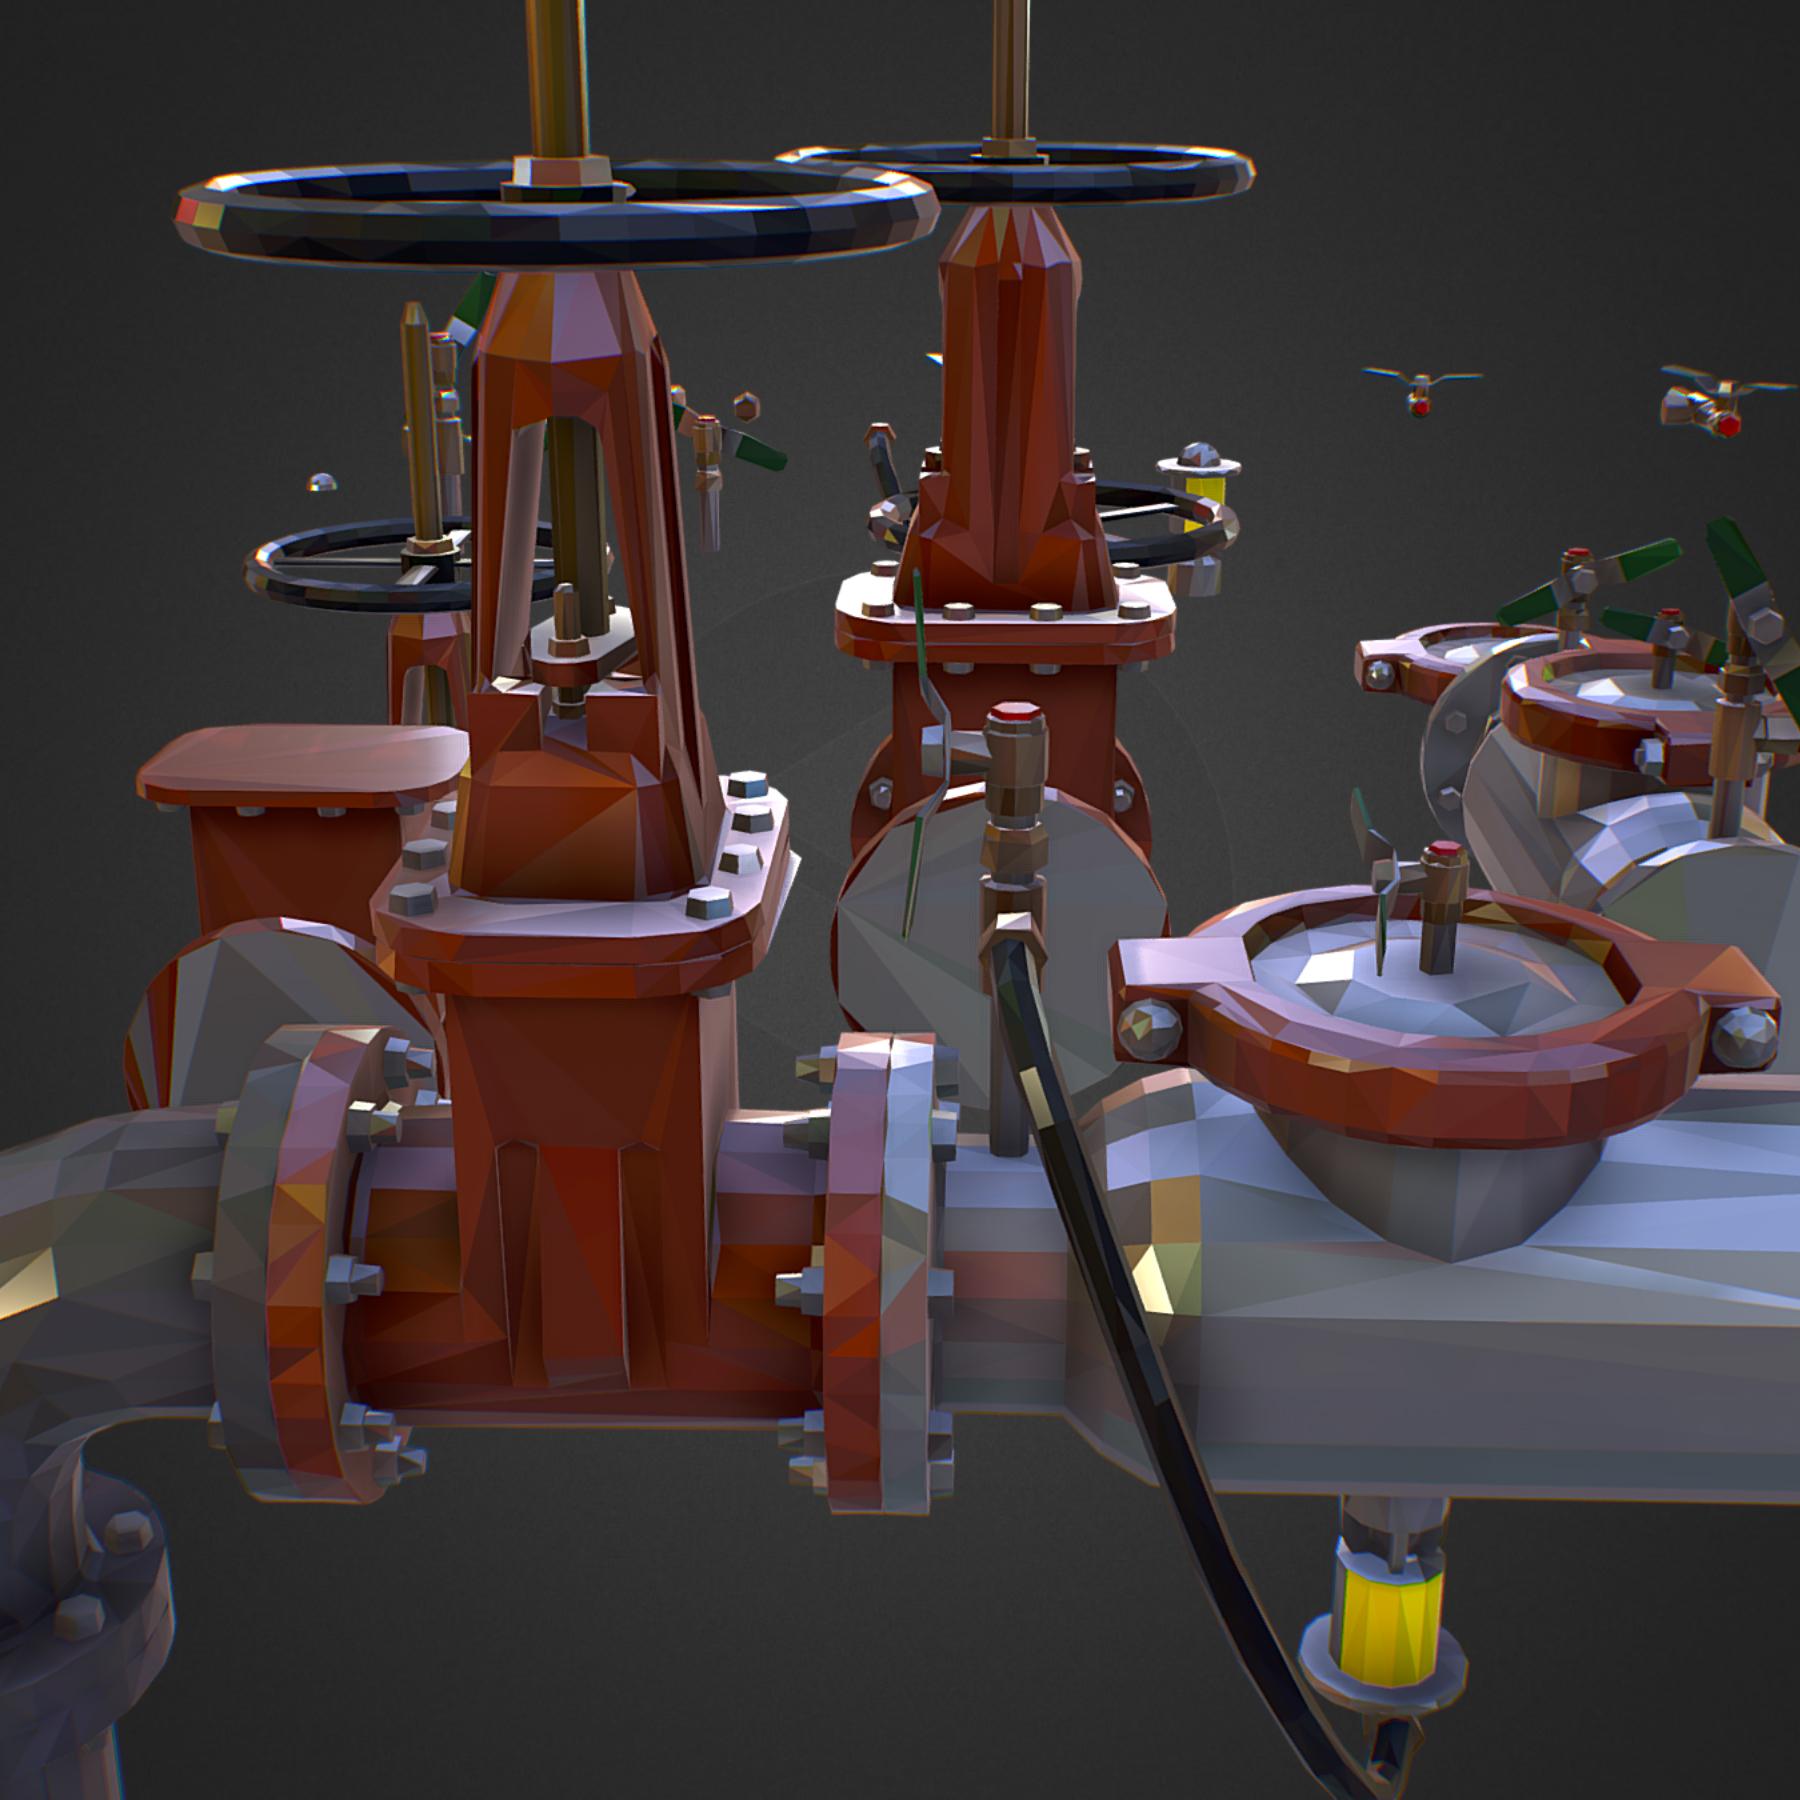 χαμηλός πολυεστιακός κατασκευαστής σωληνώσεων νερού επιστροφής ροής 3d max fbx ma mb tga targa icb vda vst pix obj 272555